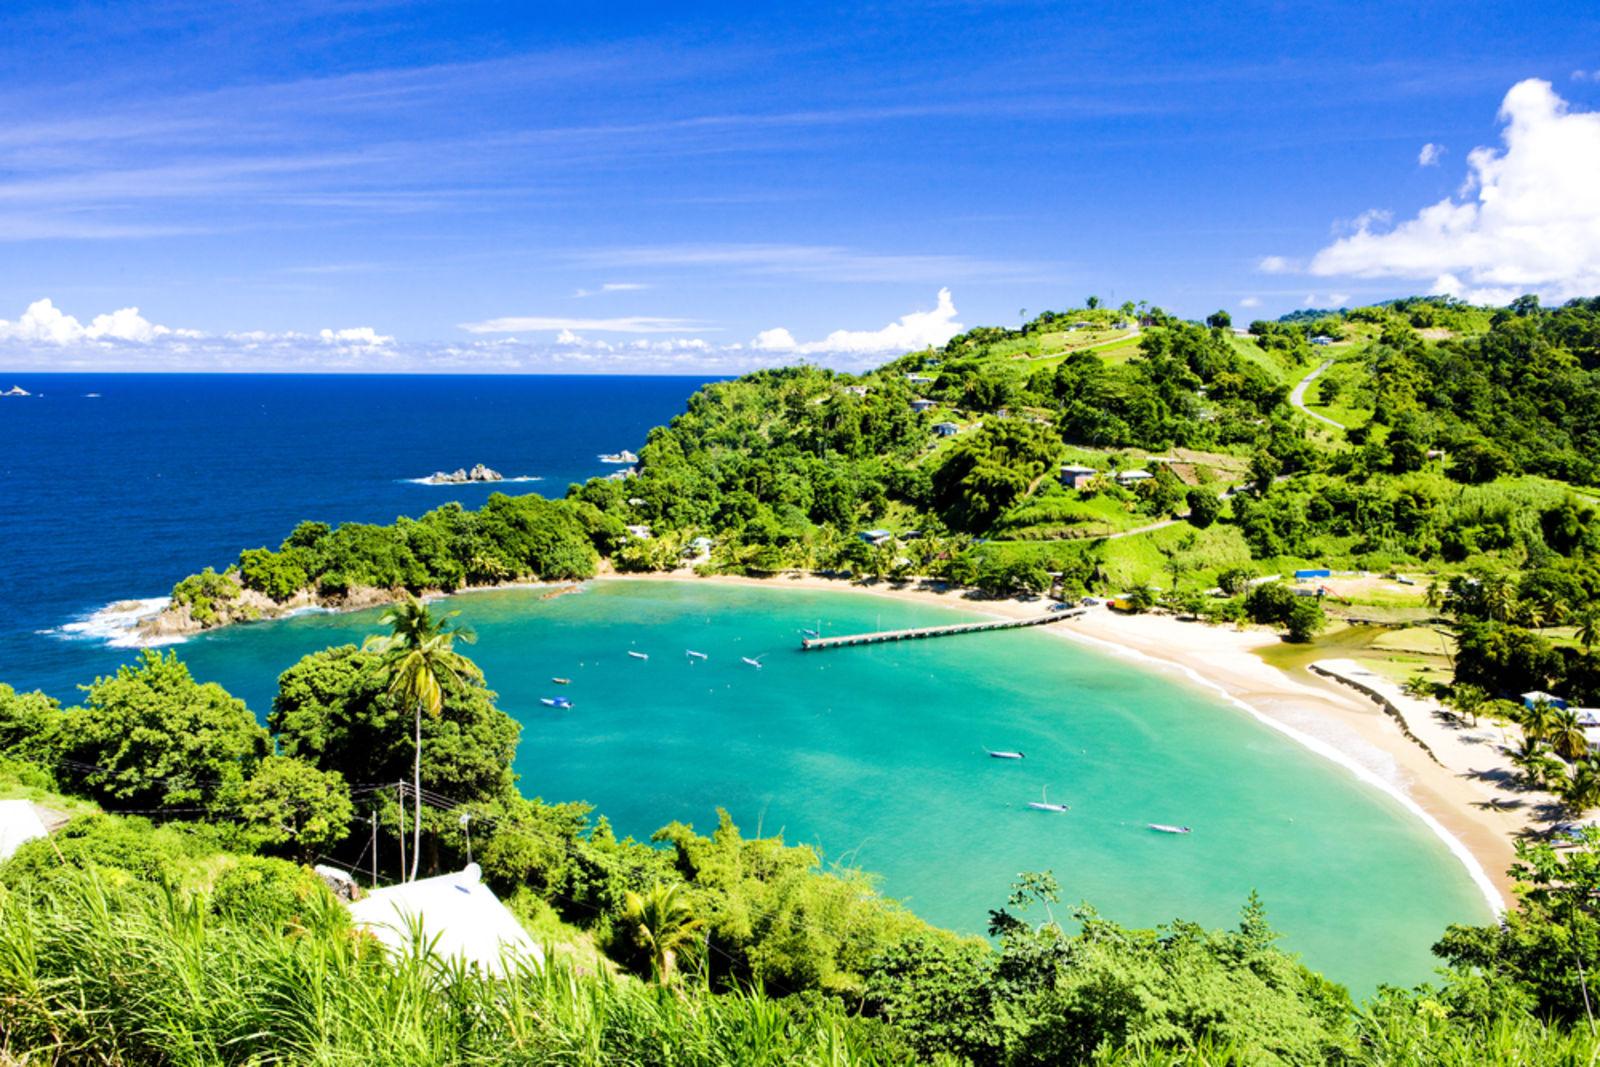 Trinidad & Tobago Parlatuvier Bay